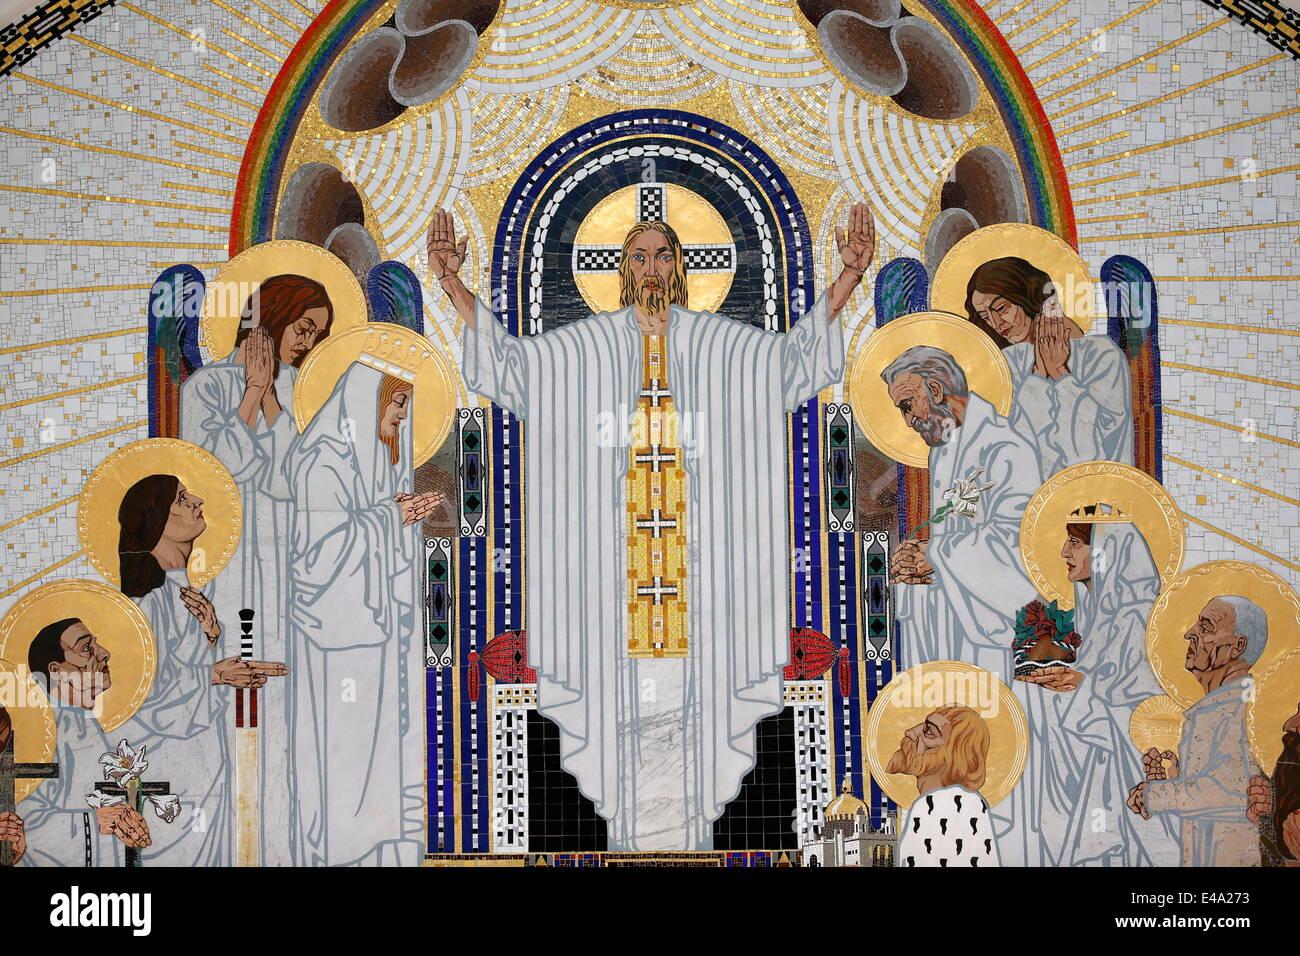 Jésus Christ détail dans l'accueil au paradis, mosaïques par Remigius Geyling, Am Steinhof Church Photo Stock